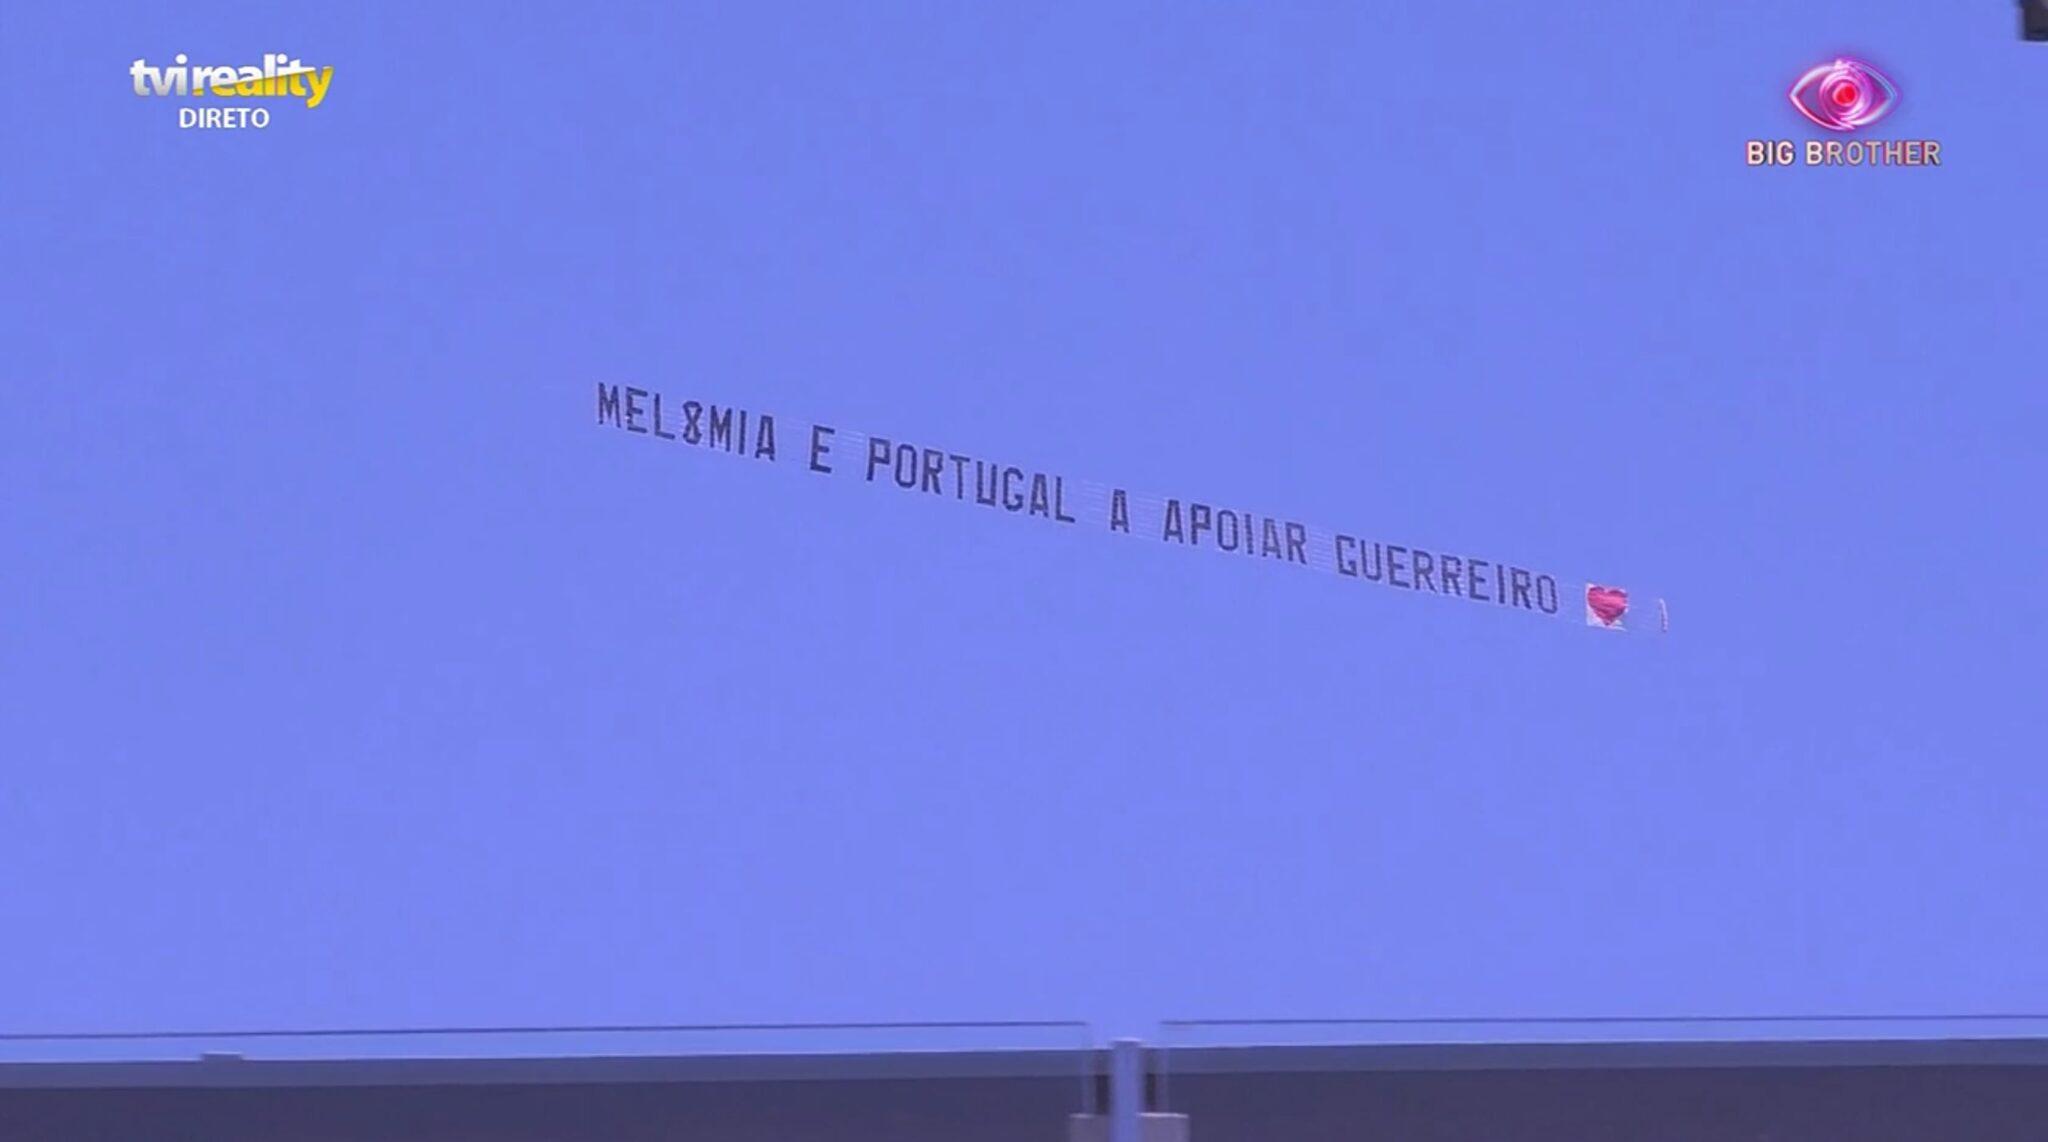 big brother daniel guerreiro 2 scaled Big Brother: Daniel Guerreiro recebe avião com mensagem muito especial